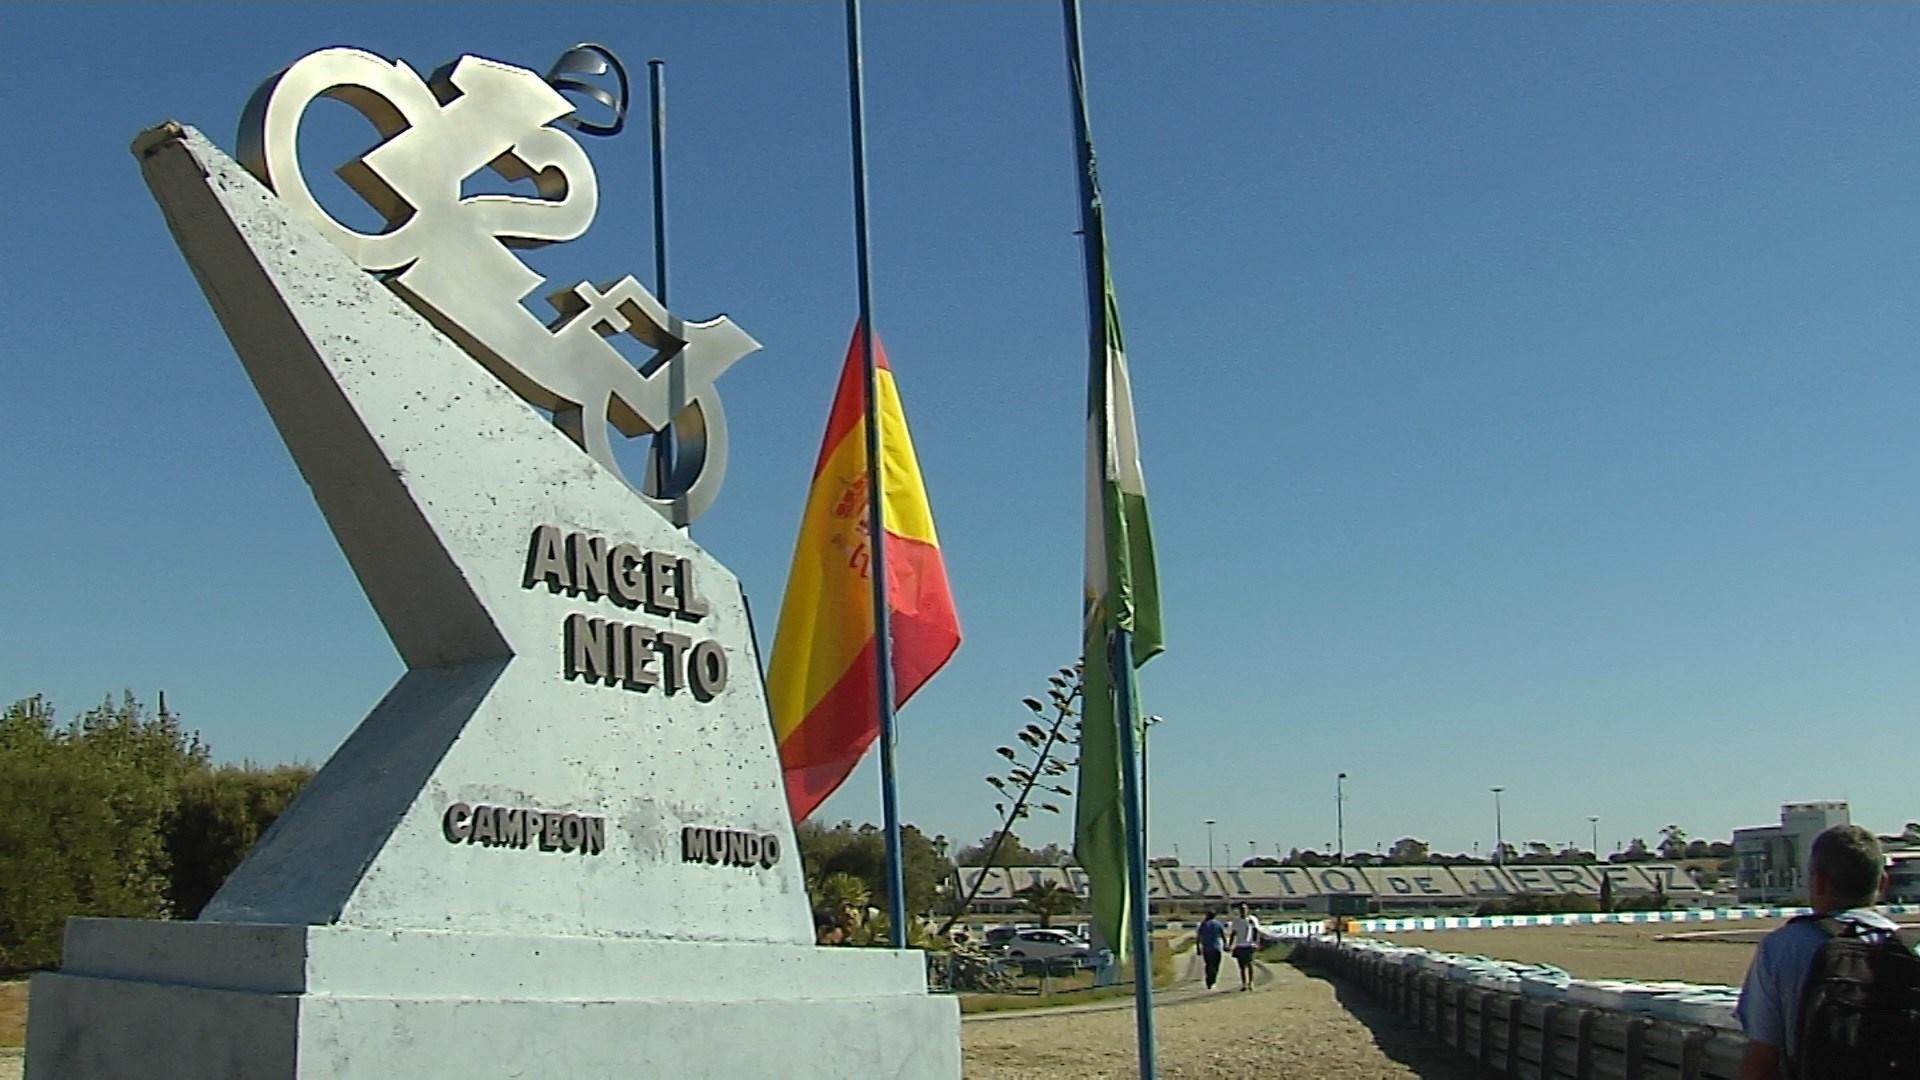 Circuito De Jerez : El circuito de jerez pasará a llamarse Ángel nieto libertad digital